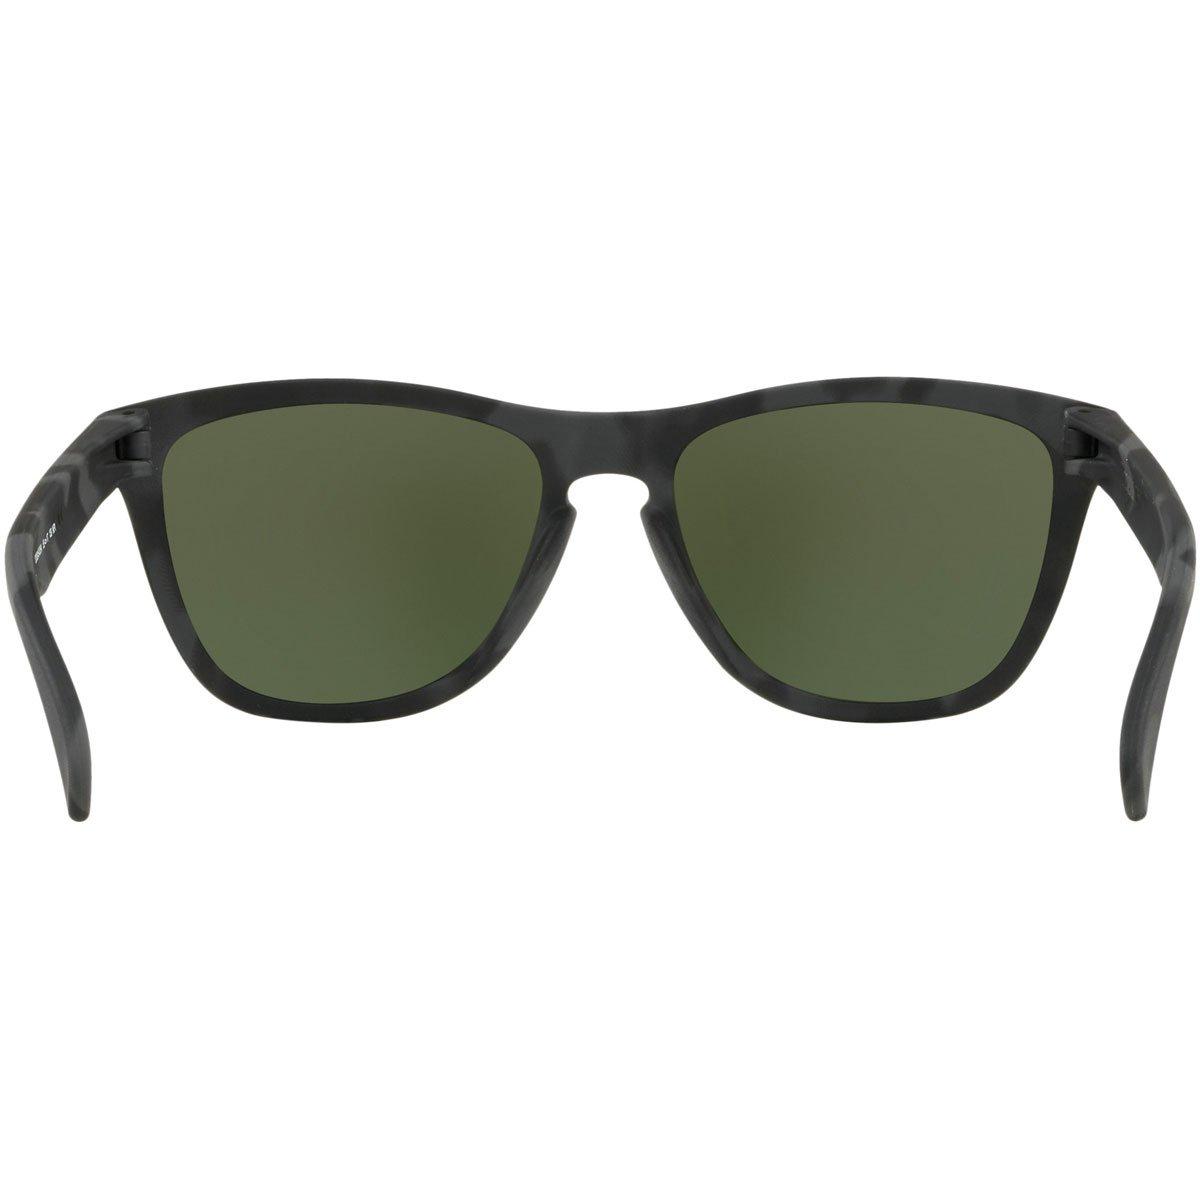 Amazon.com: Oakley Frogskins PRIZM - Gafas de sol para ...